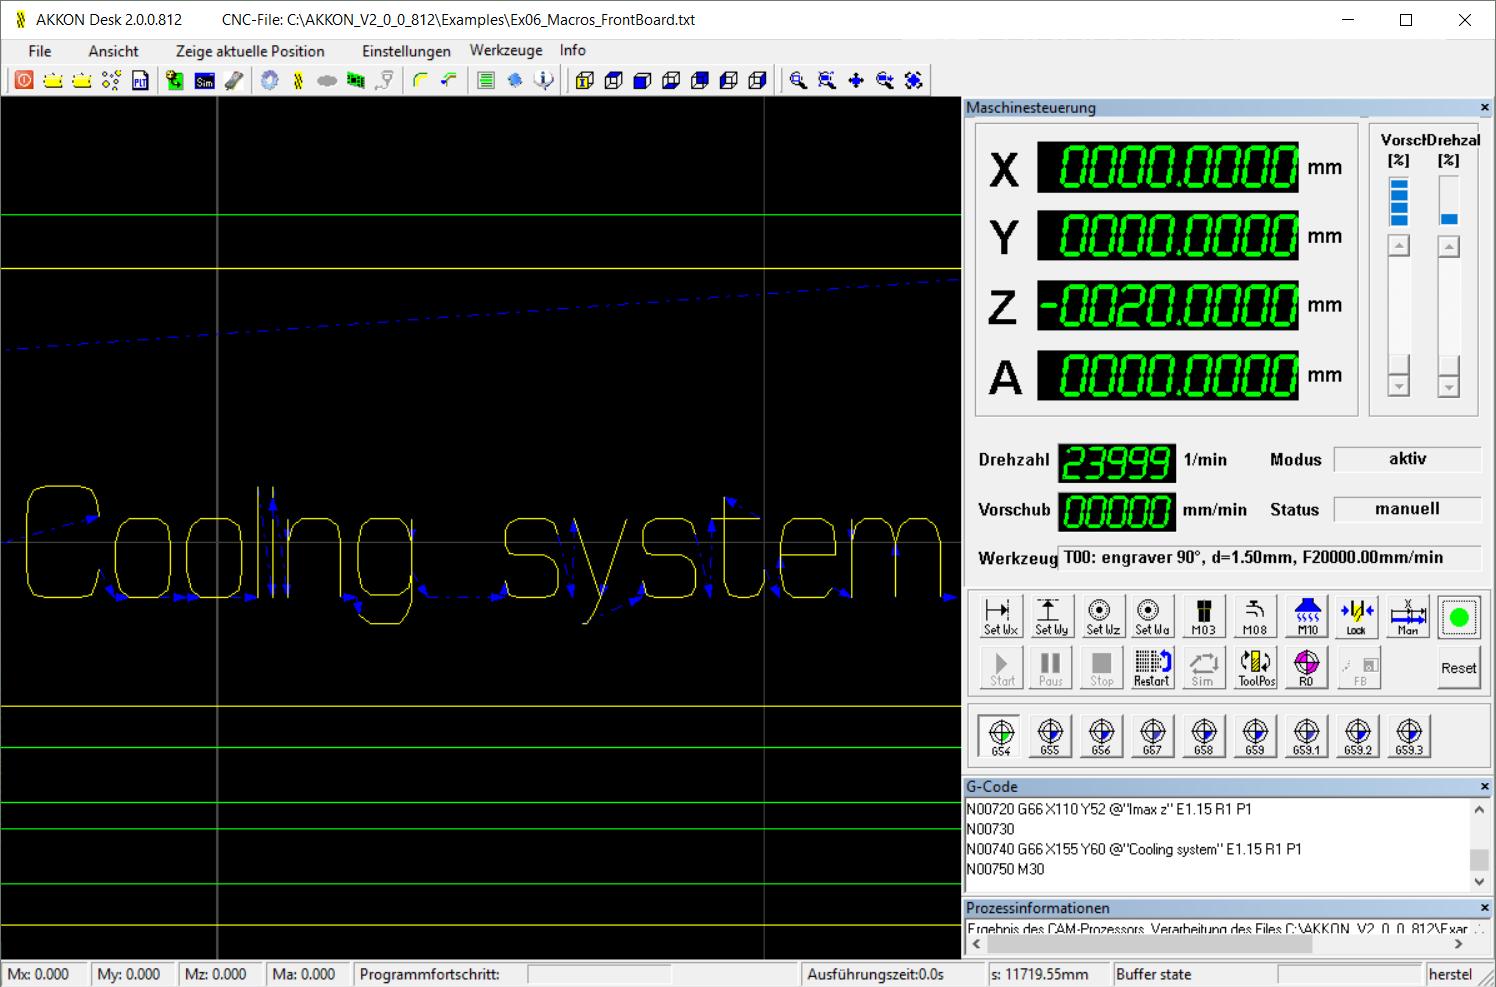 AKKONDesk G66 - internal font